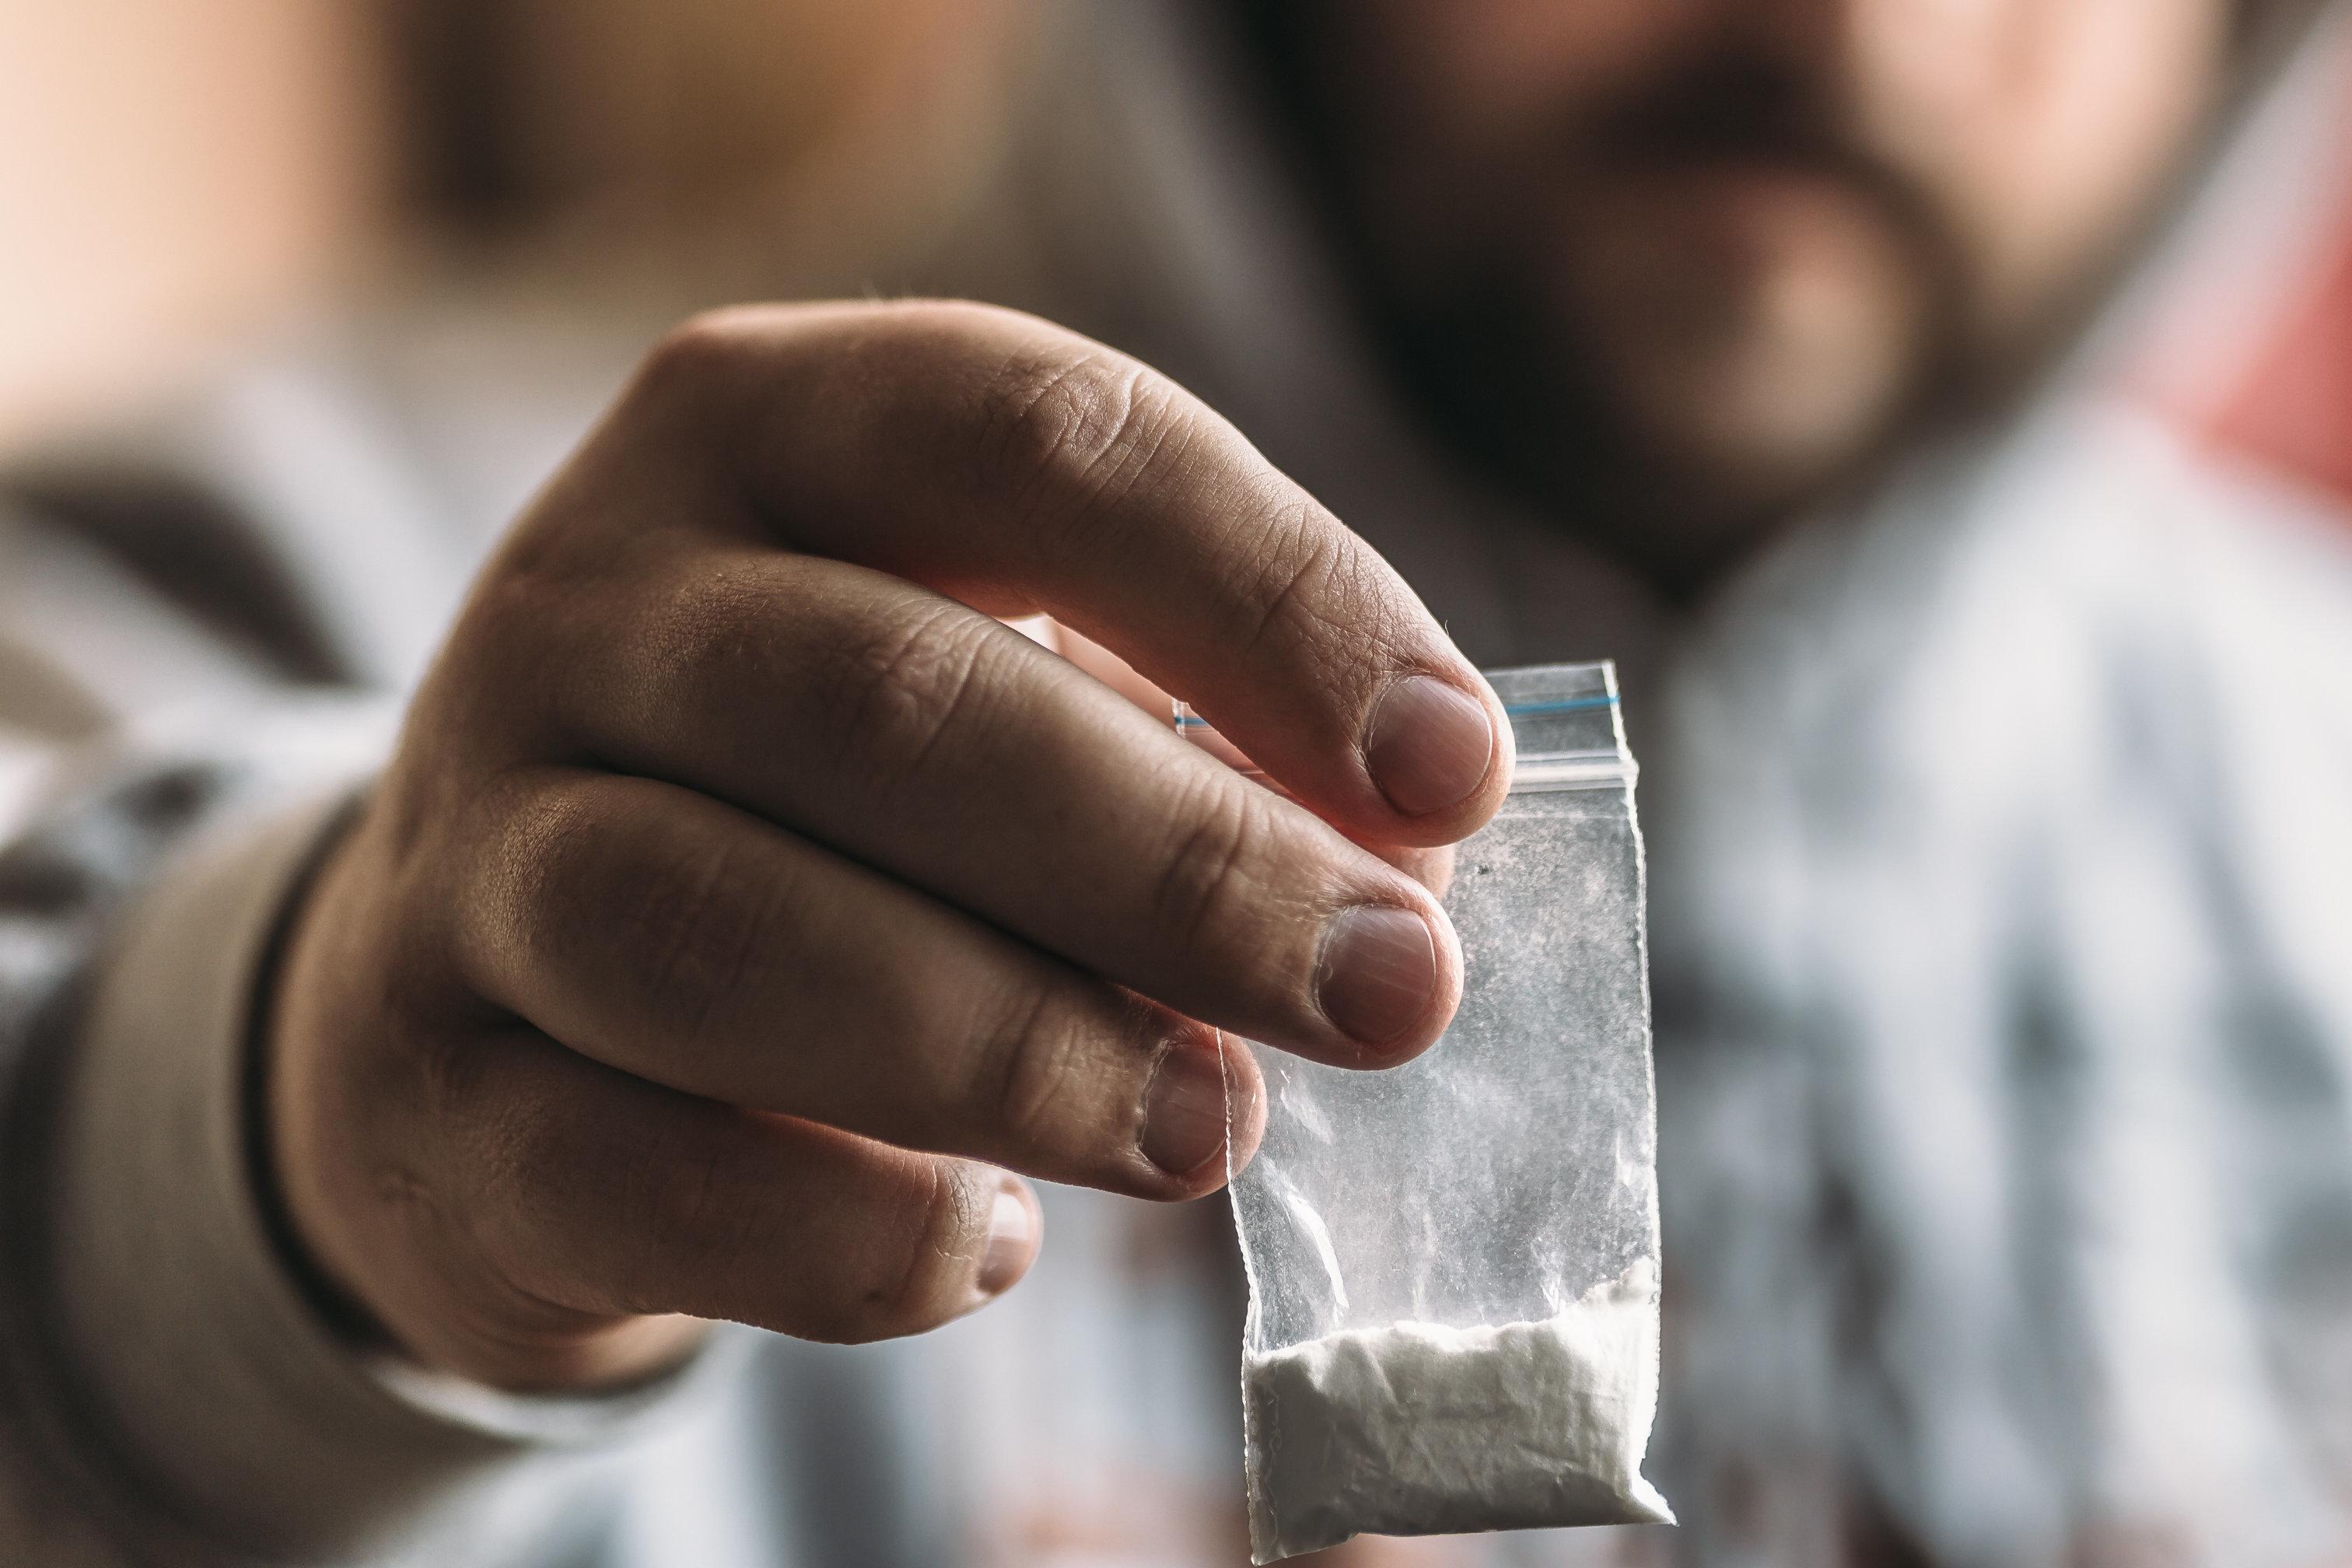 Kokainschmuggel aus russischer Botschaft – Festnahme nahe